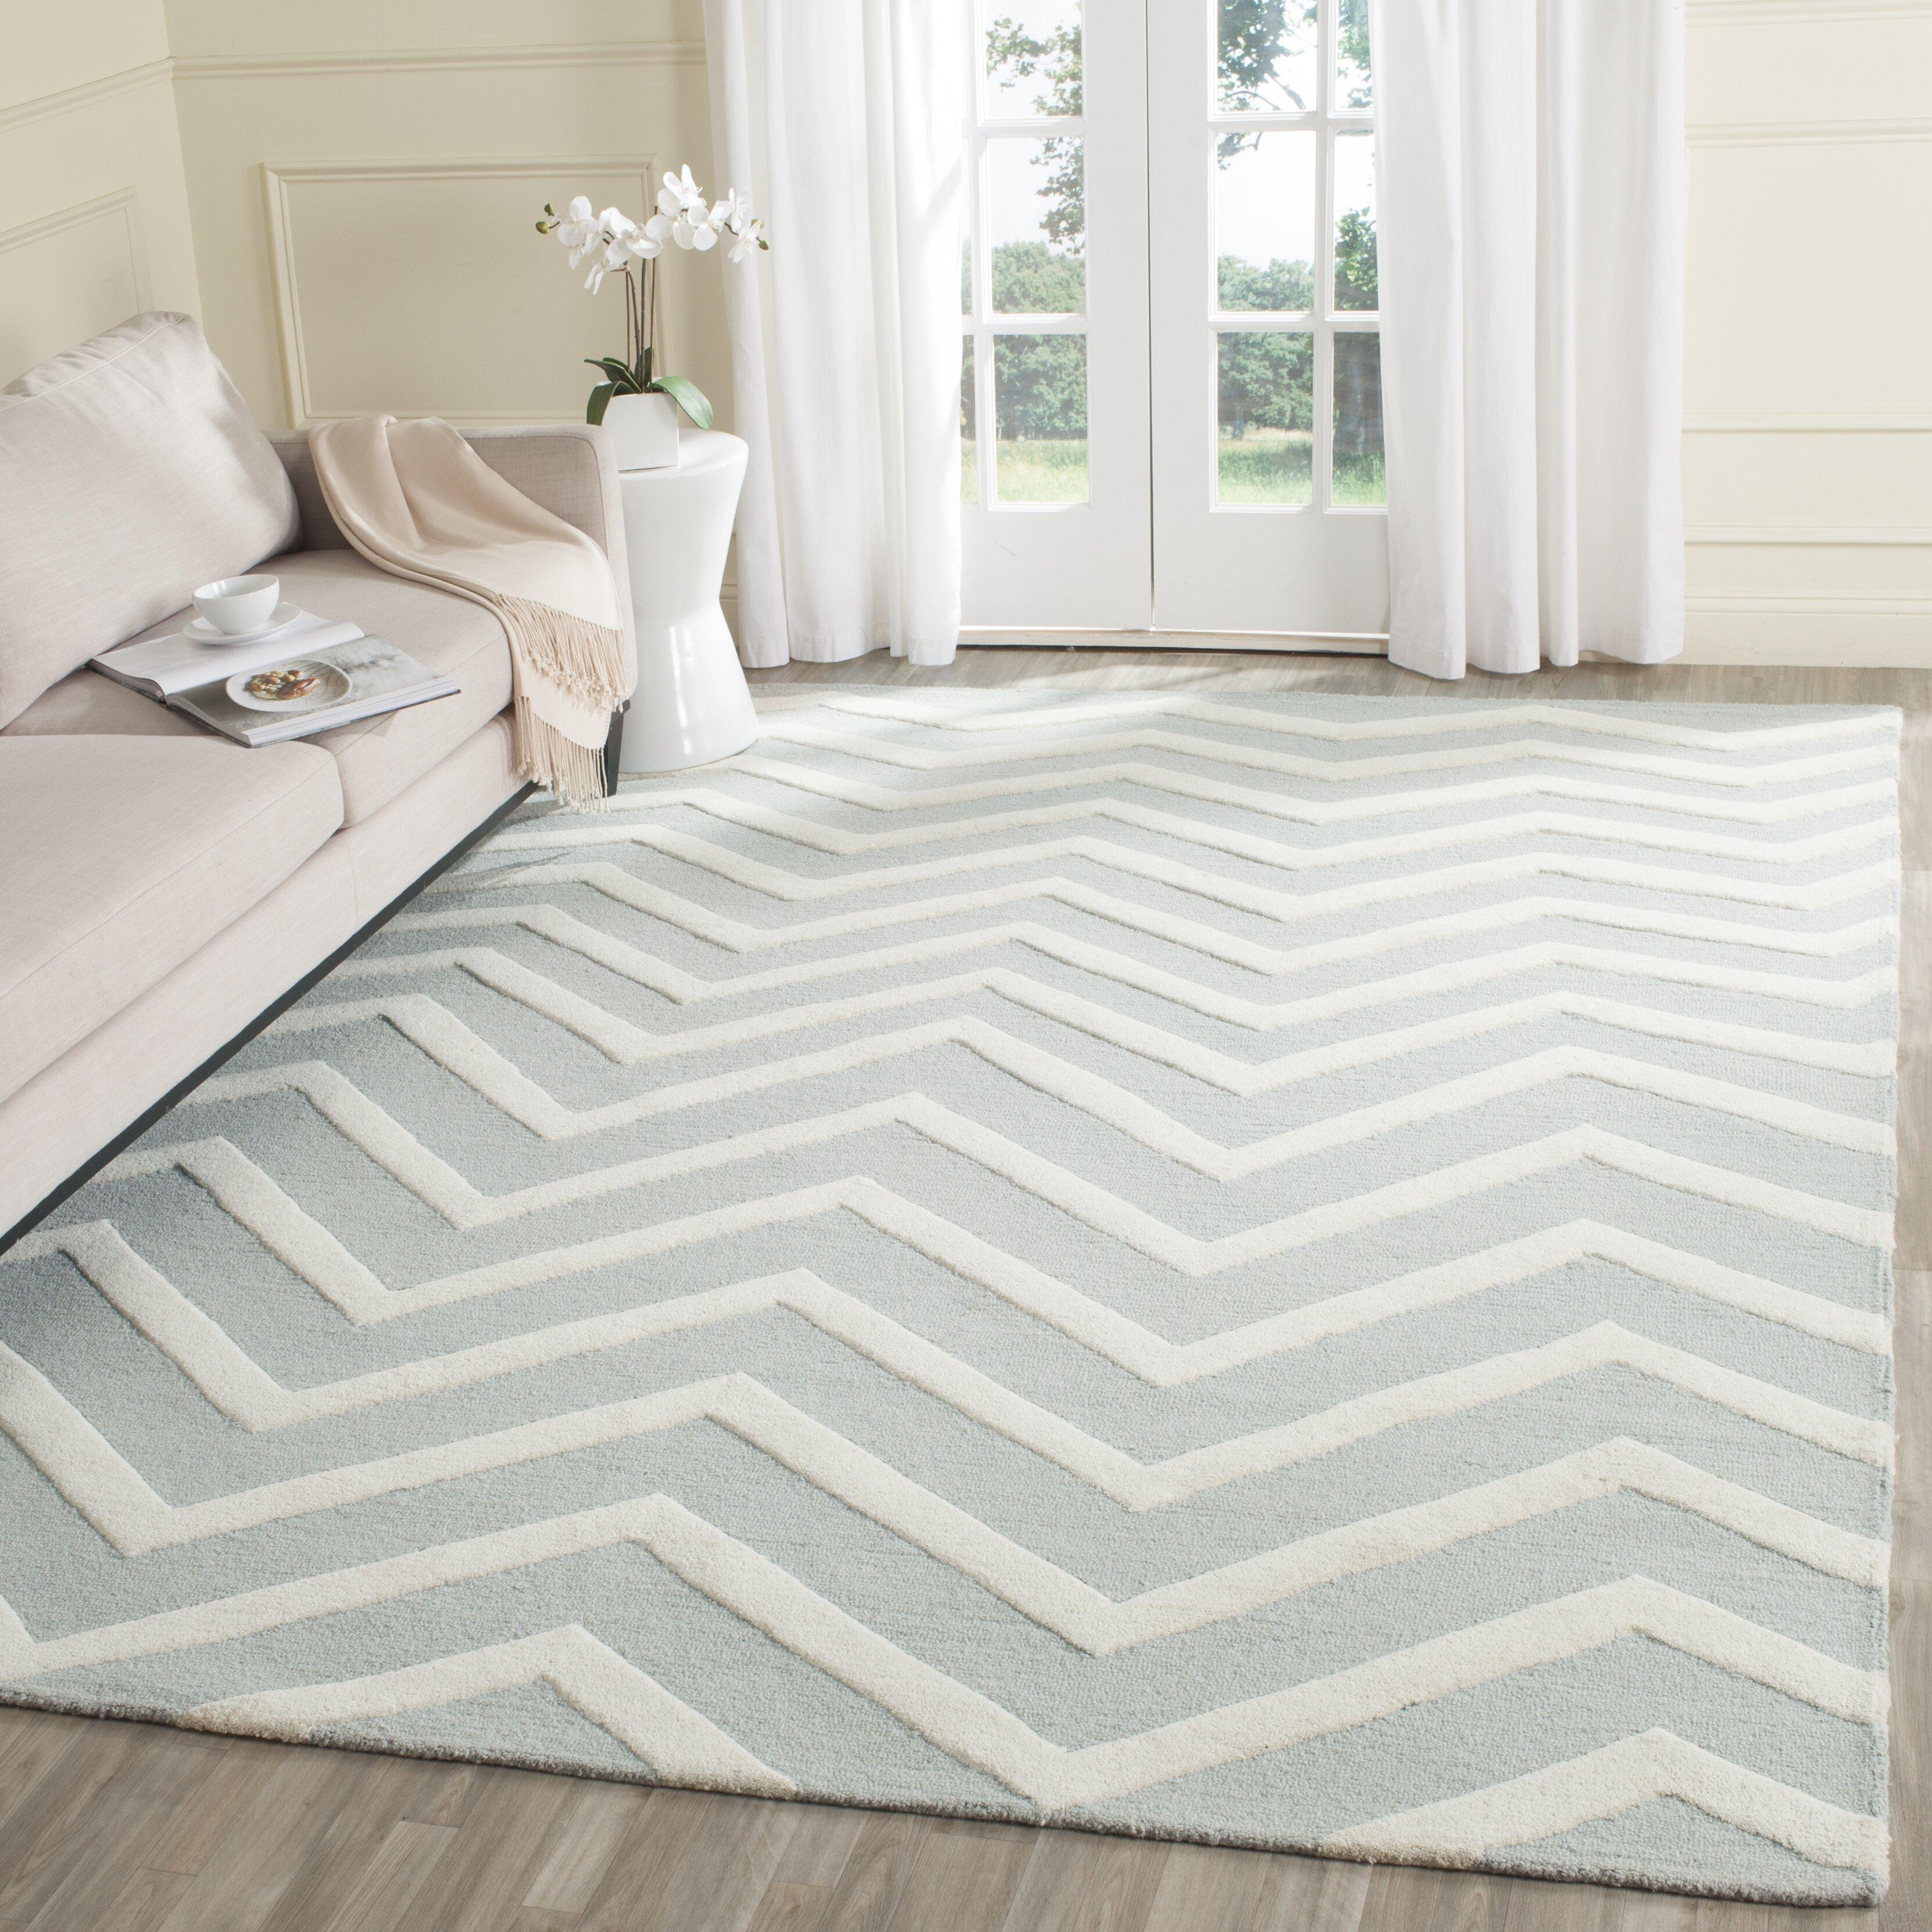 Safavieh Handgetufteter Teppich Newton in Grau